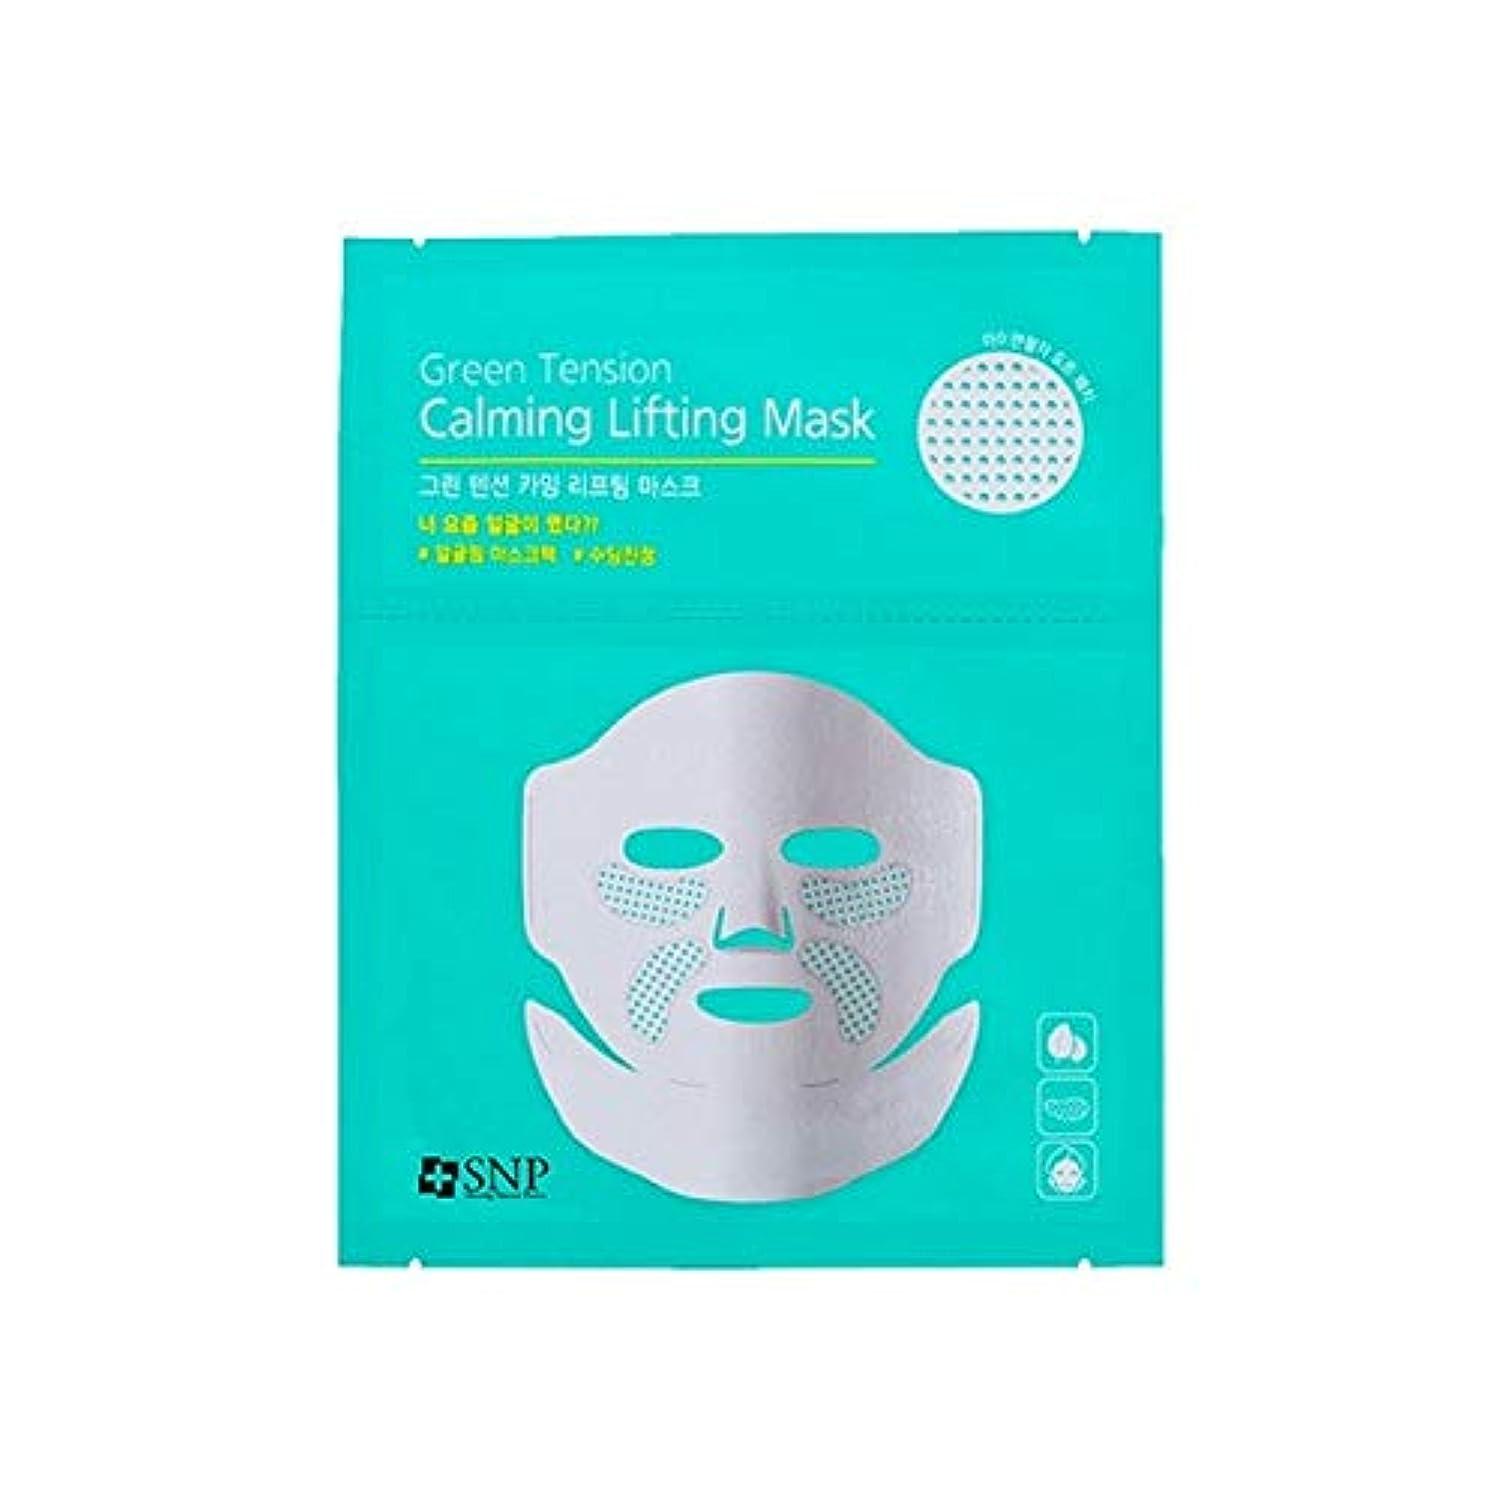 ニッケル少ない無視できる[SNP] リフティングマスクを引き締めSnp緑の緊張 - SNP Green Tension Firming Lifting Mask [並行輸入品]